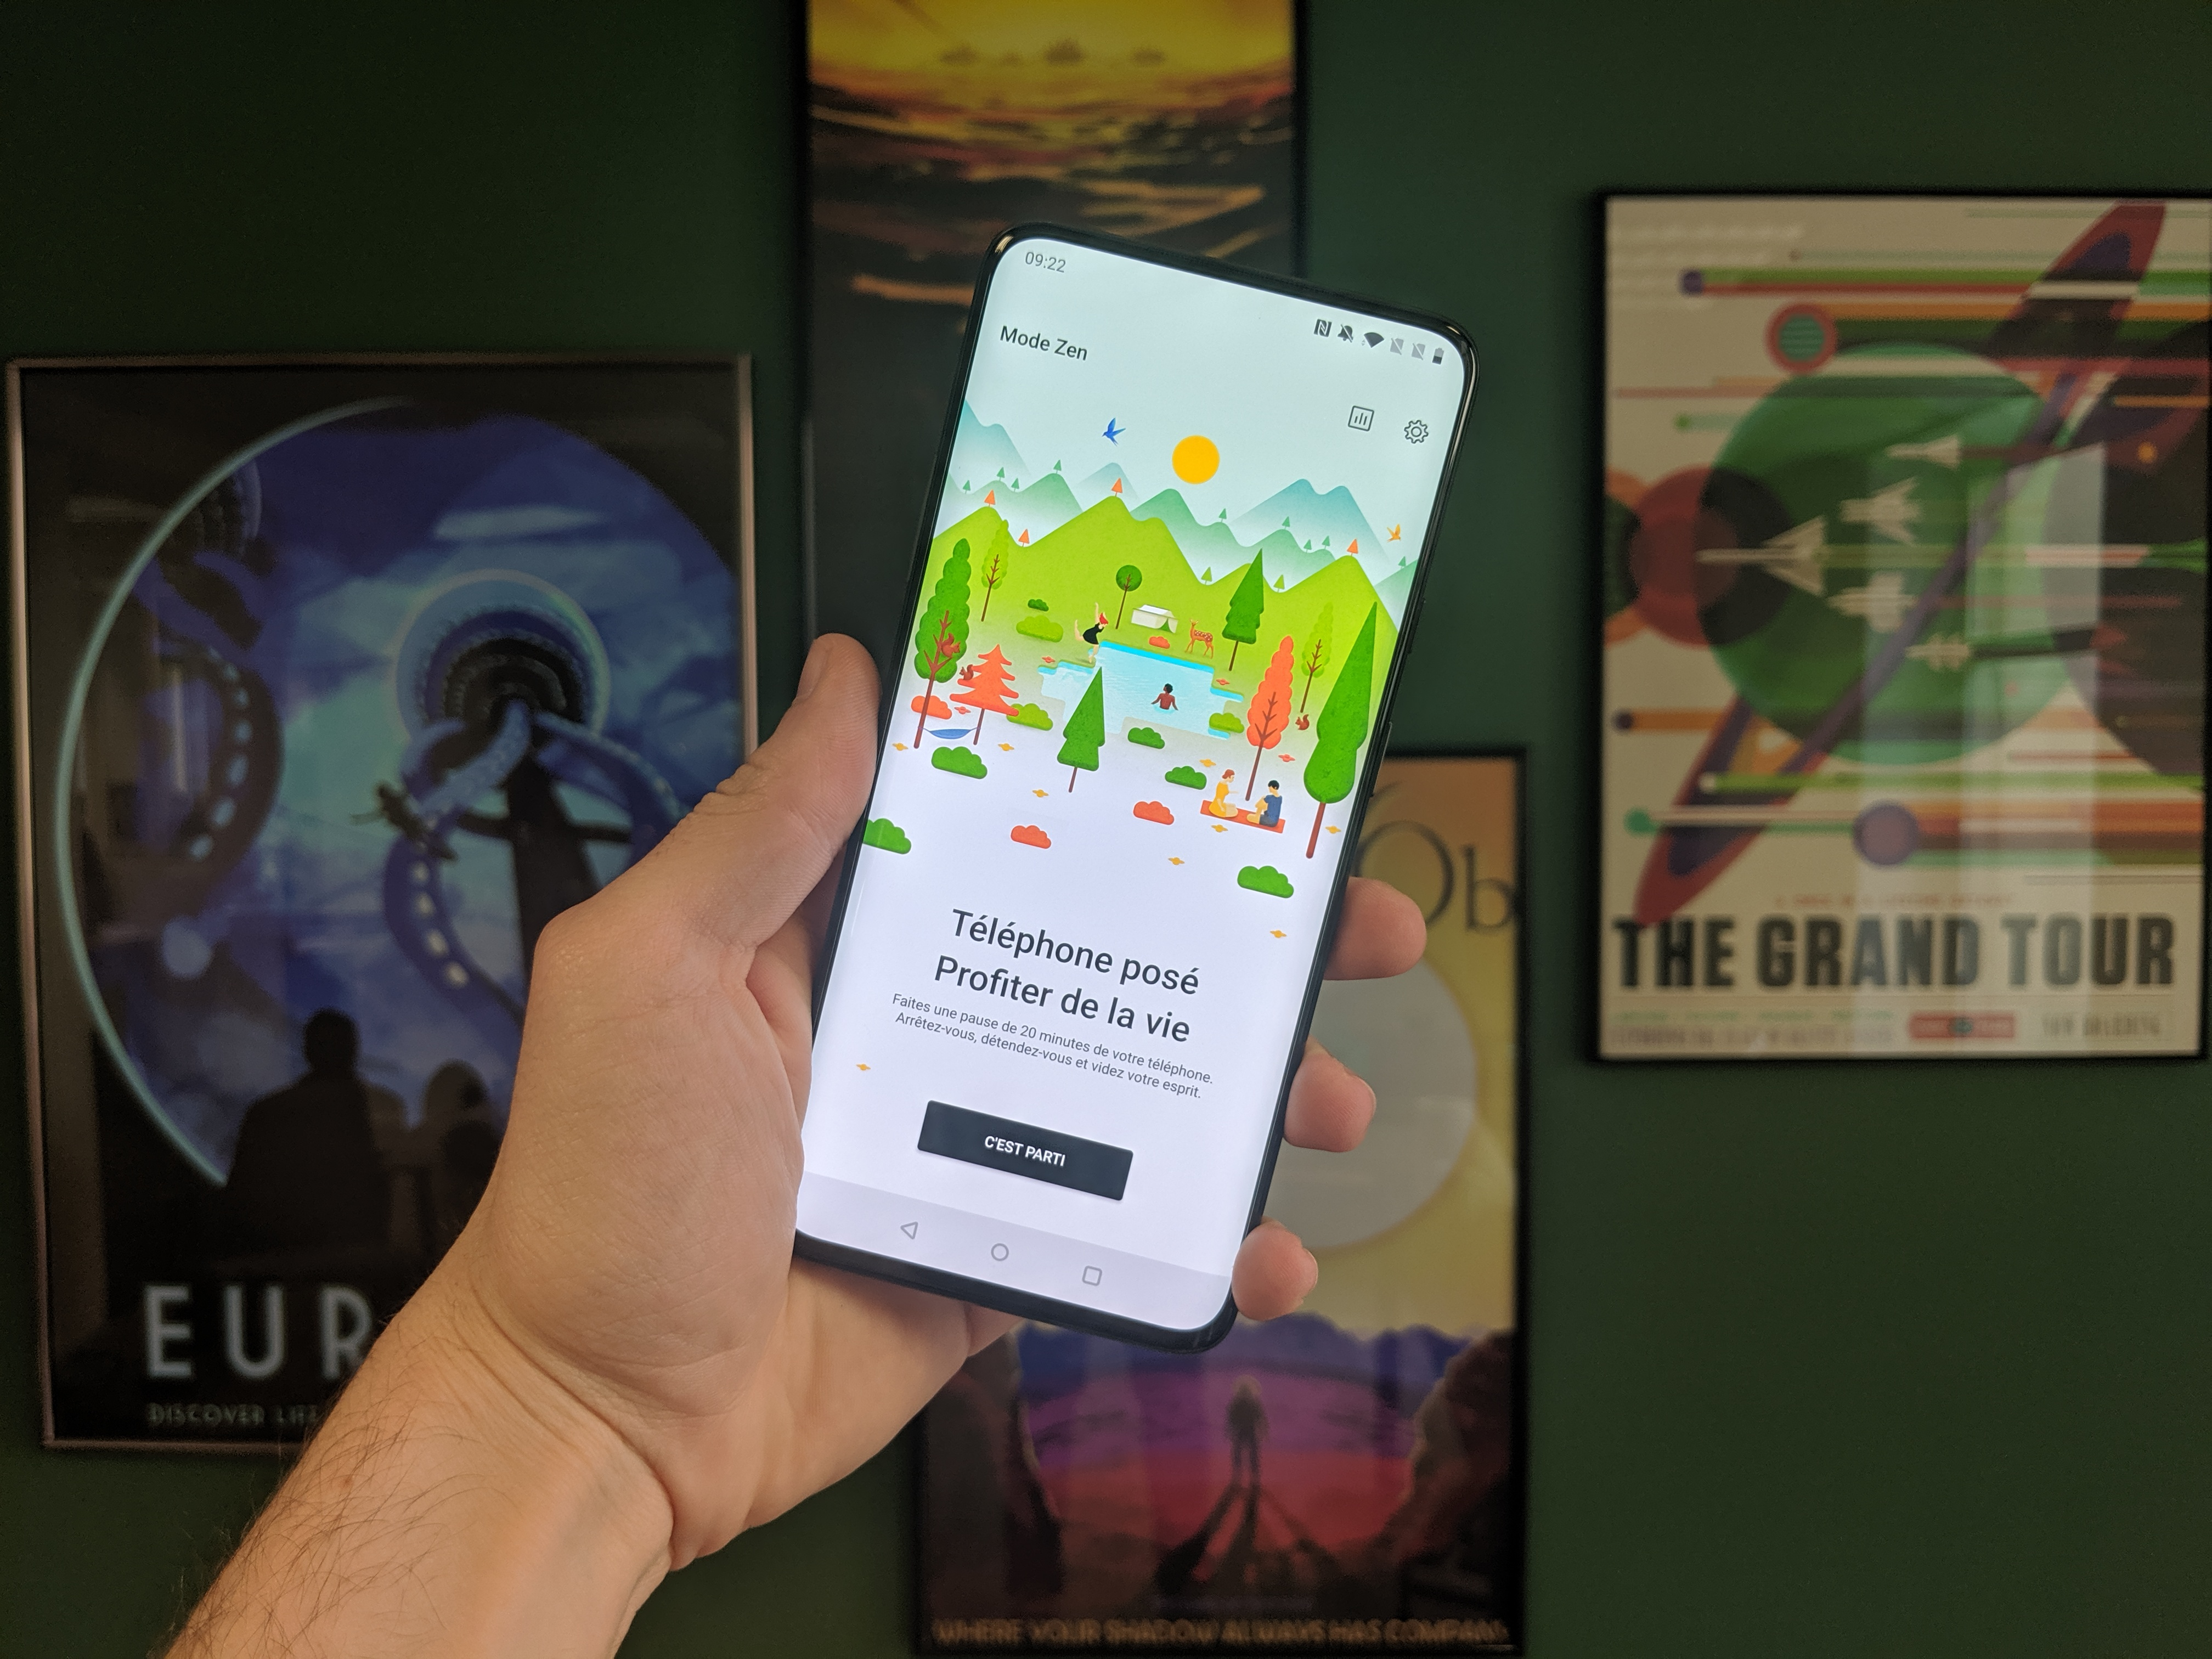 Les OnePlus 6 et 6T récupéreront certaines fonctionnalités du OnePlus 7 Pro